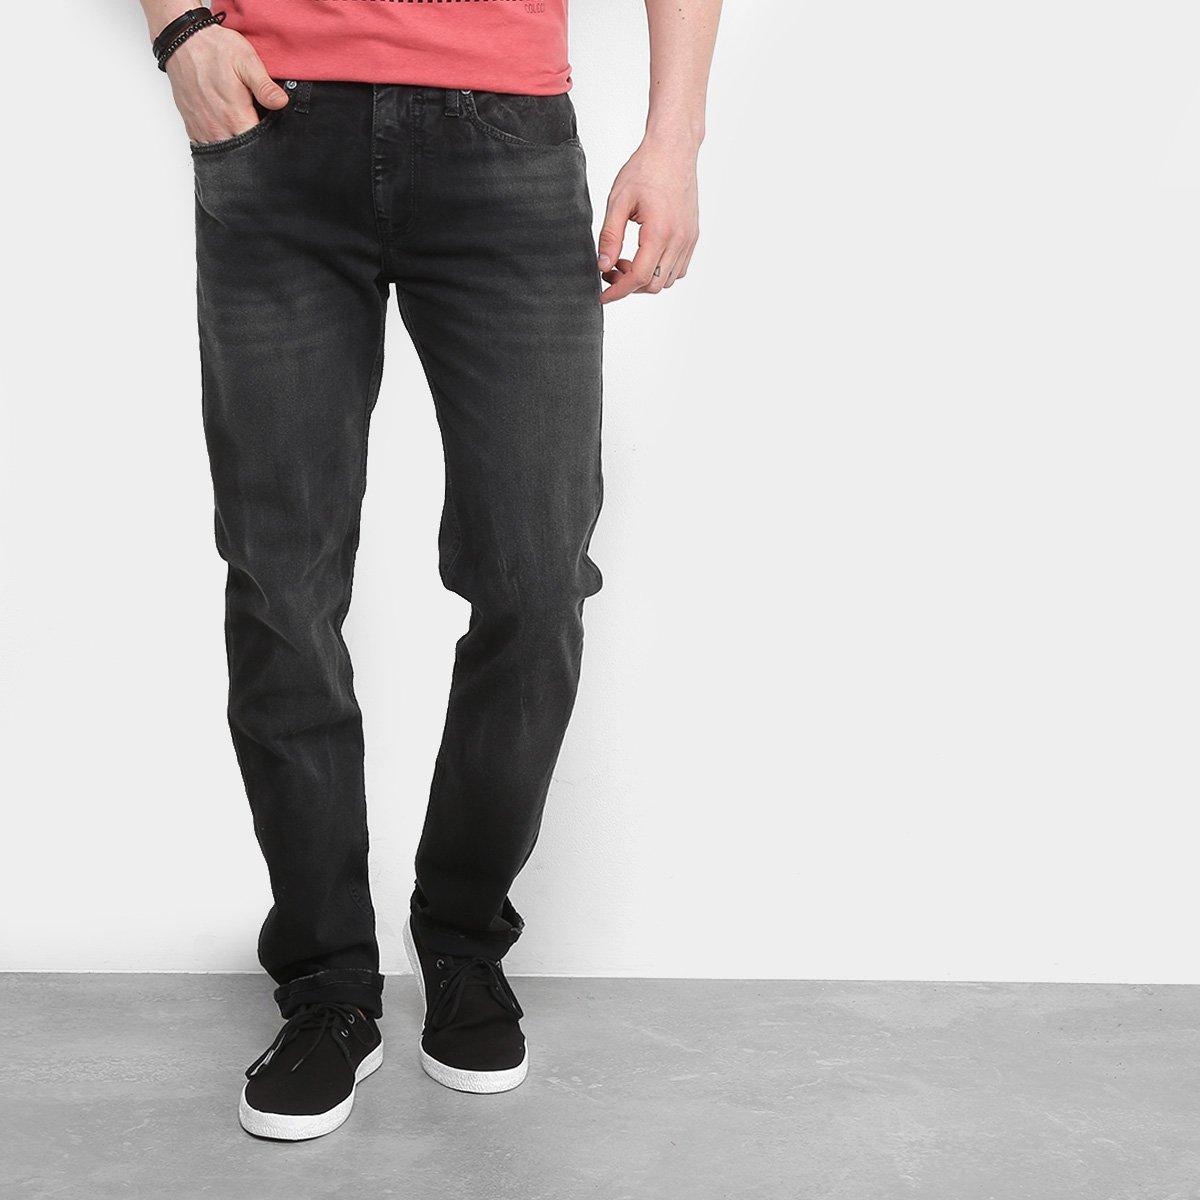 280a62d11 Calça Jeans Colcci Masculina | Opte+